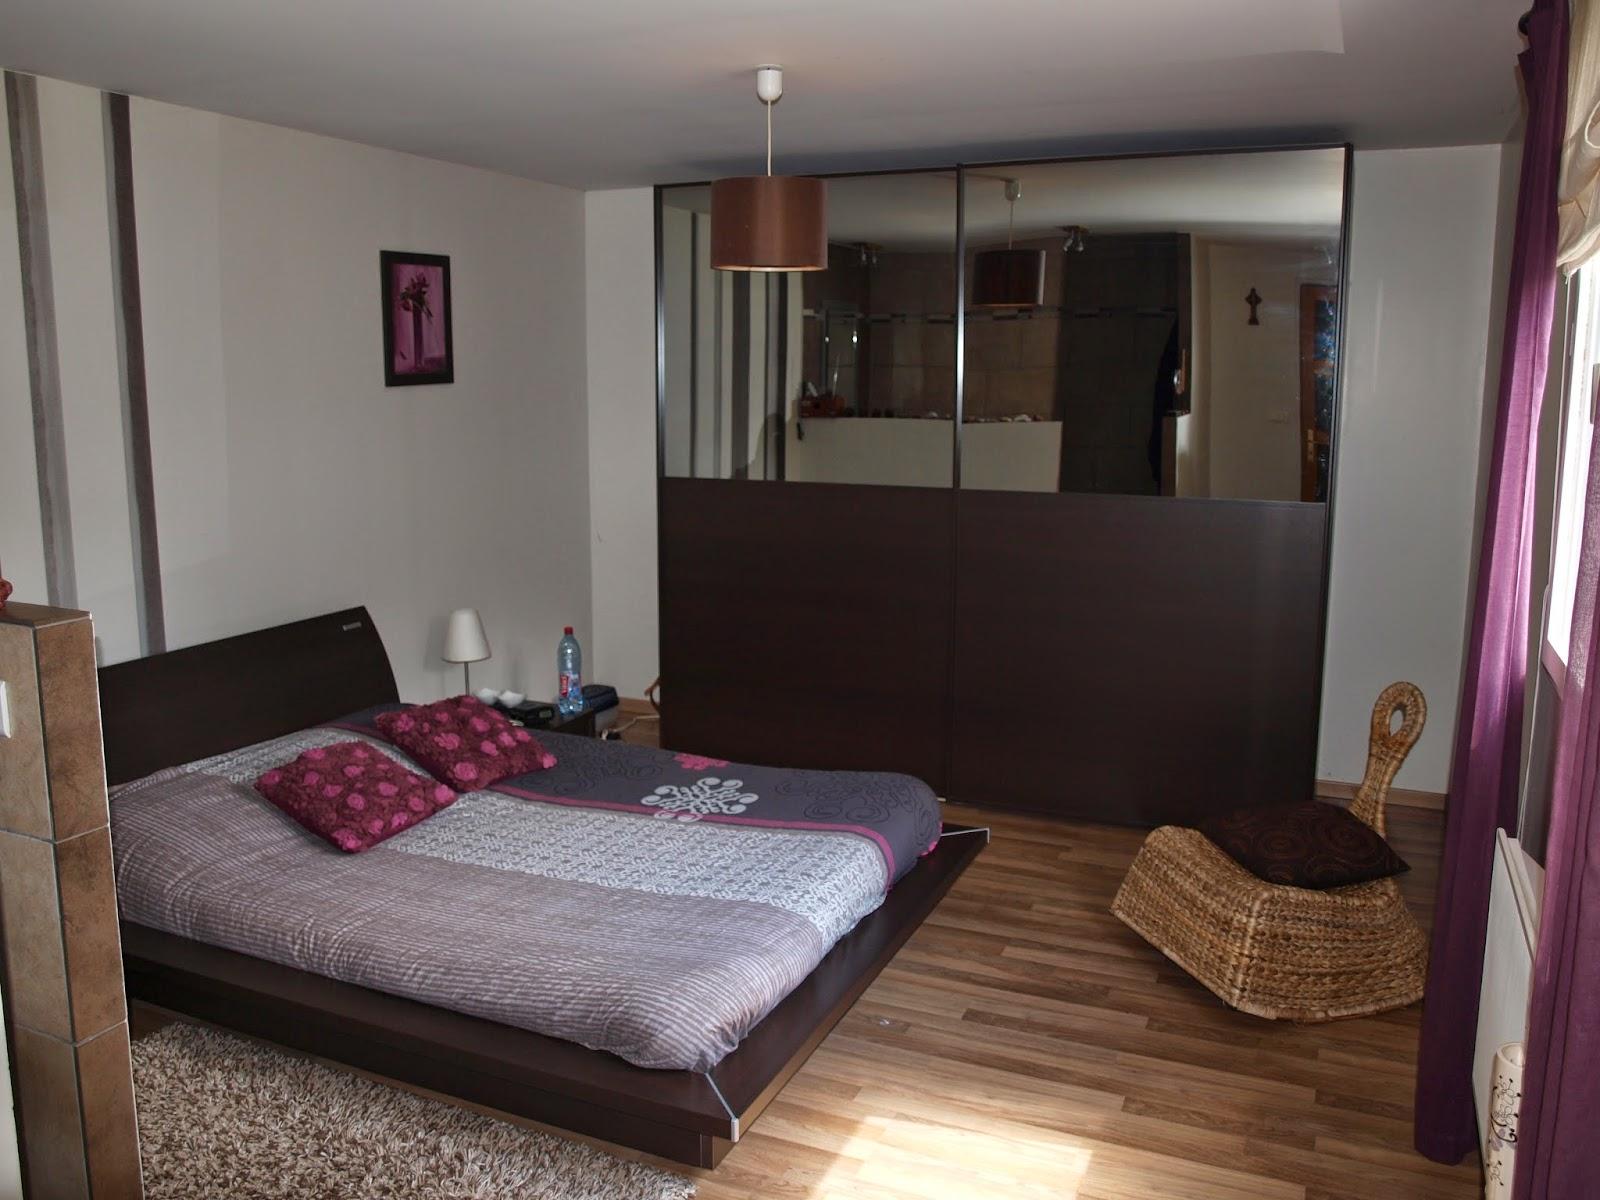 #8B6640 Notre Maison à Cysoing: Suite Parentale 22m2 3059 plan suite parentale 22m2 1600x1200 px @ aertt.com